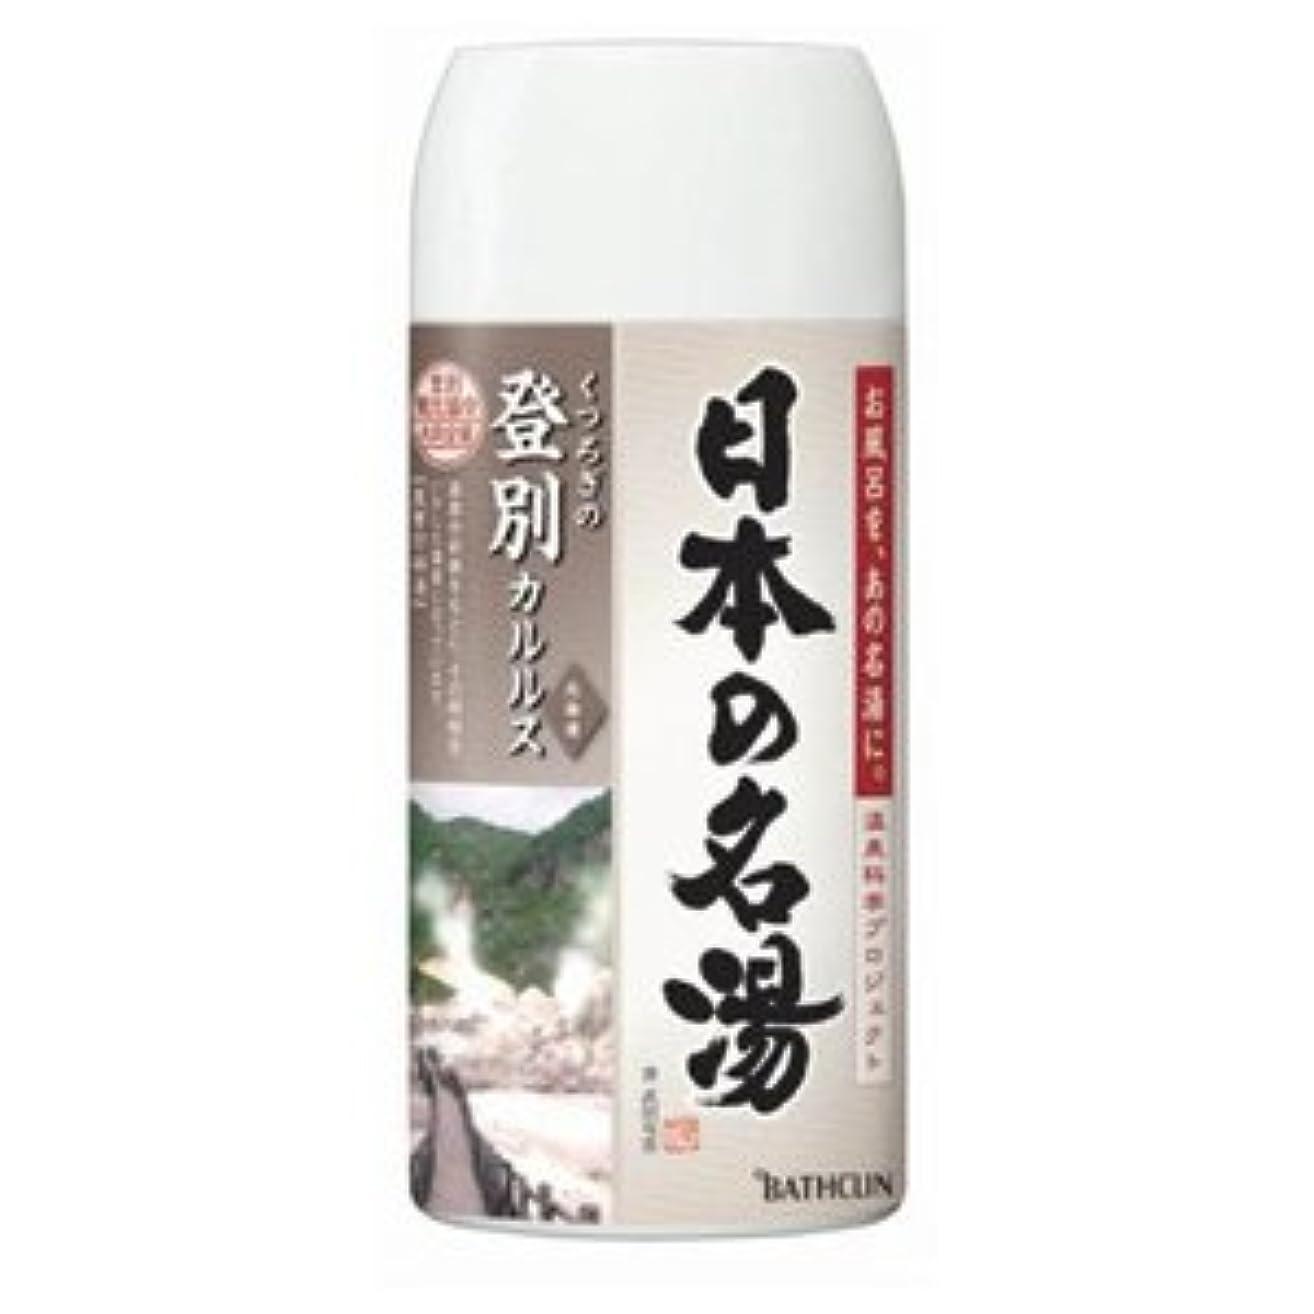 の間でヘルパー衰えるバスクリン 日本の名湯 登別カルルス 450g 薬用入浴剤 澄み切った大気の香り 医薬部外品 (お風呂?バス用品)×12点セット (4548514135246)